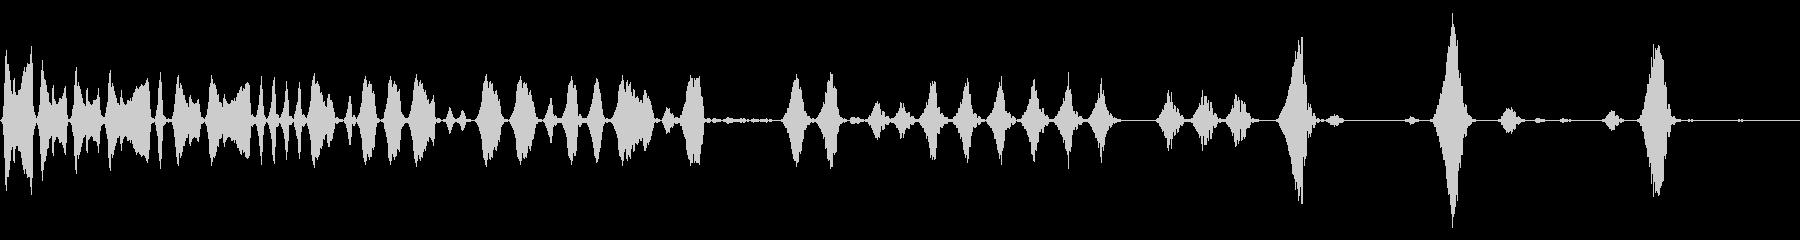 キュウウン(パワーが落ちる音)の未再生の波形